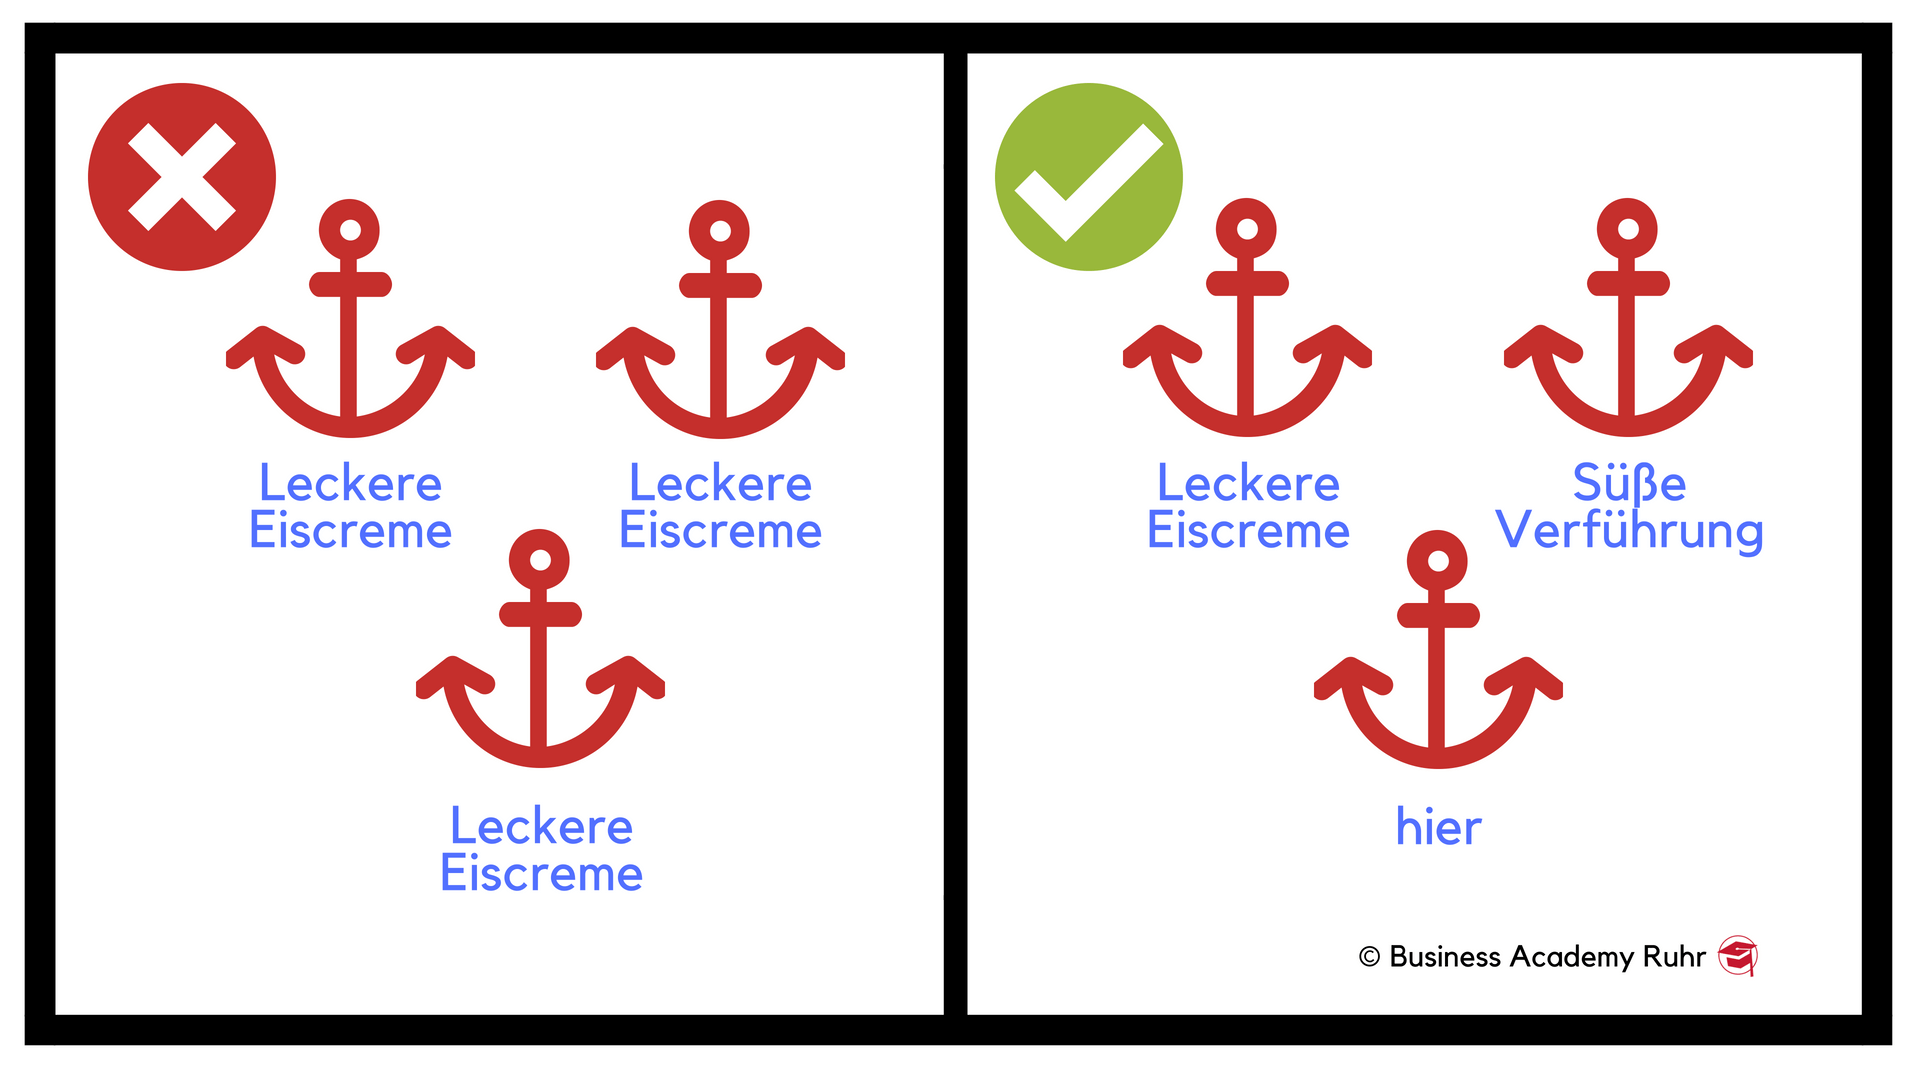 Grafik: Anker-texte für die Backlinks sollten sich unterscheiden